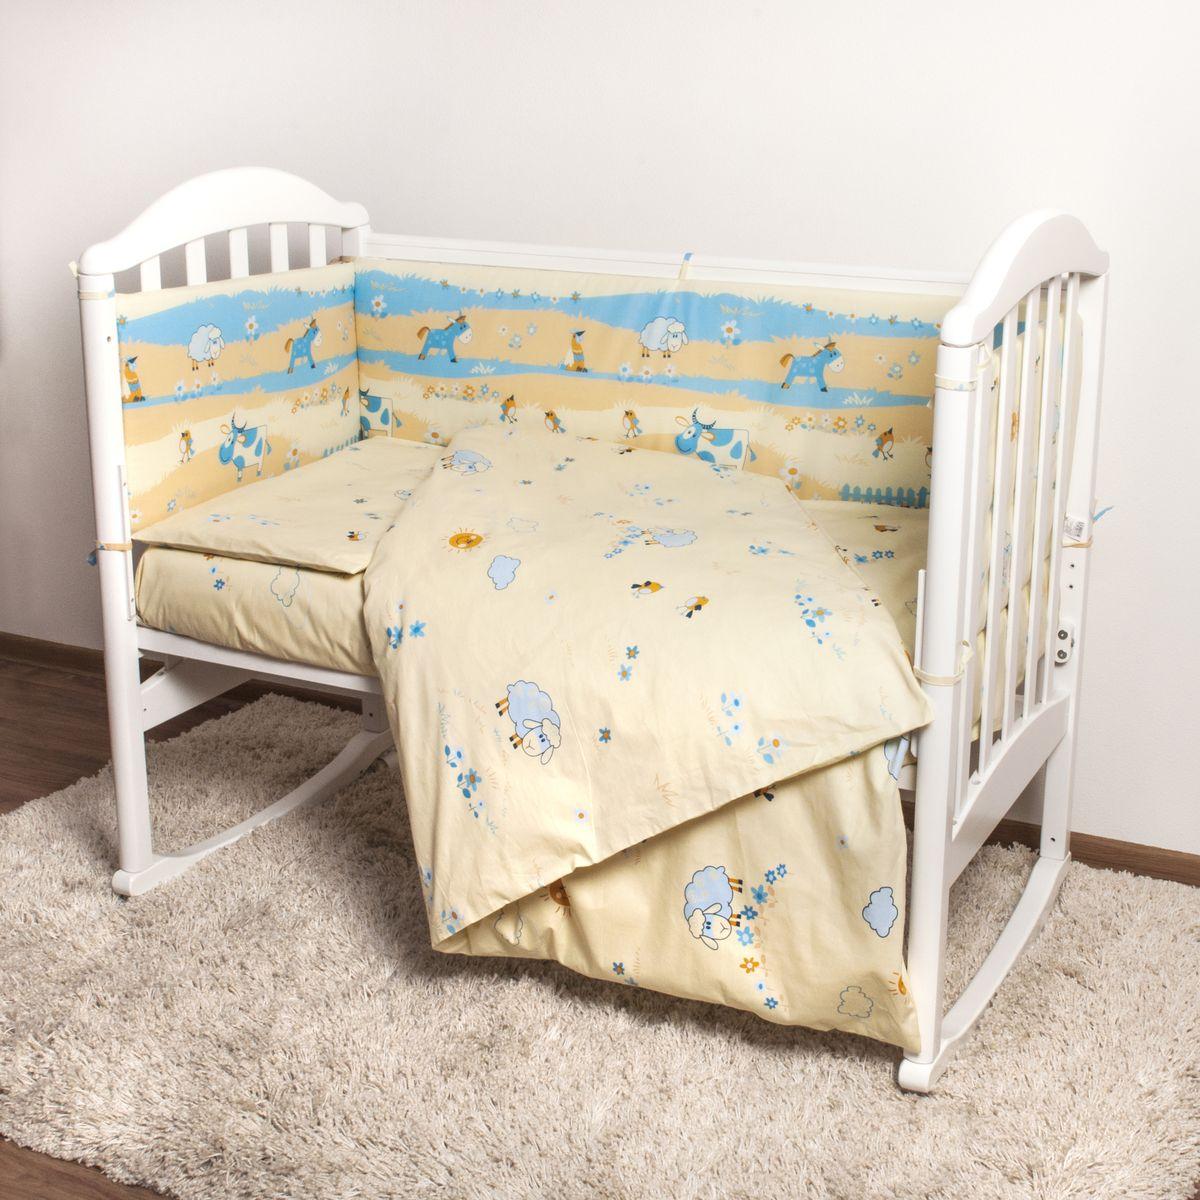 Baby Nice Детский комплект в кроватку Ферма (КПБ, бязь, наволочка 40х60), цвет: бежевый, голубой531-105Комплект в кроватку Baby Nice Ферма для самых маленьких изготовлен только из самой качественной ткани, самой безопасной и гигиеничной, самой экологичной и гипоаллергенной. Отлично подходит для кроваток малышей, которые часто двигаются во сне. Хлопковое волокно прекрасно переносит стирку, быстро сохнет и не требует особого ухода, не линяет и не вытягивается. Ткань прошла специальную обработку по умягчению, что сделало ее невероятно мягкой и приятной к телу. Комплект создаст дополнительный комфорт и уют ребенку. Родителям не составит особого труда ухаживать за комплектом. Он превосходно стирается, легко гладится. Ваш малыш будет в восторге от такого необыкновенного постельного набора! В комплект входит: одеяло, пододеяльник, подушка, наволочка, простыня, борт.